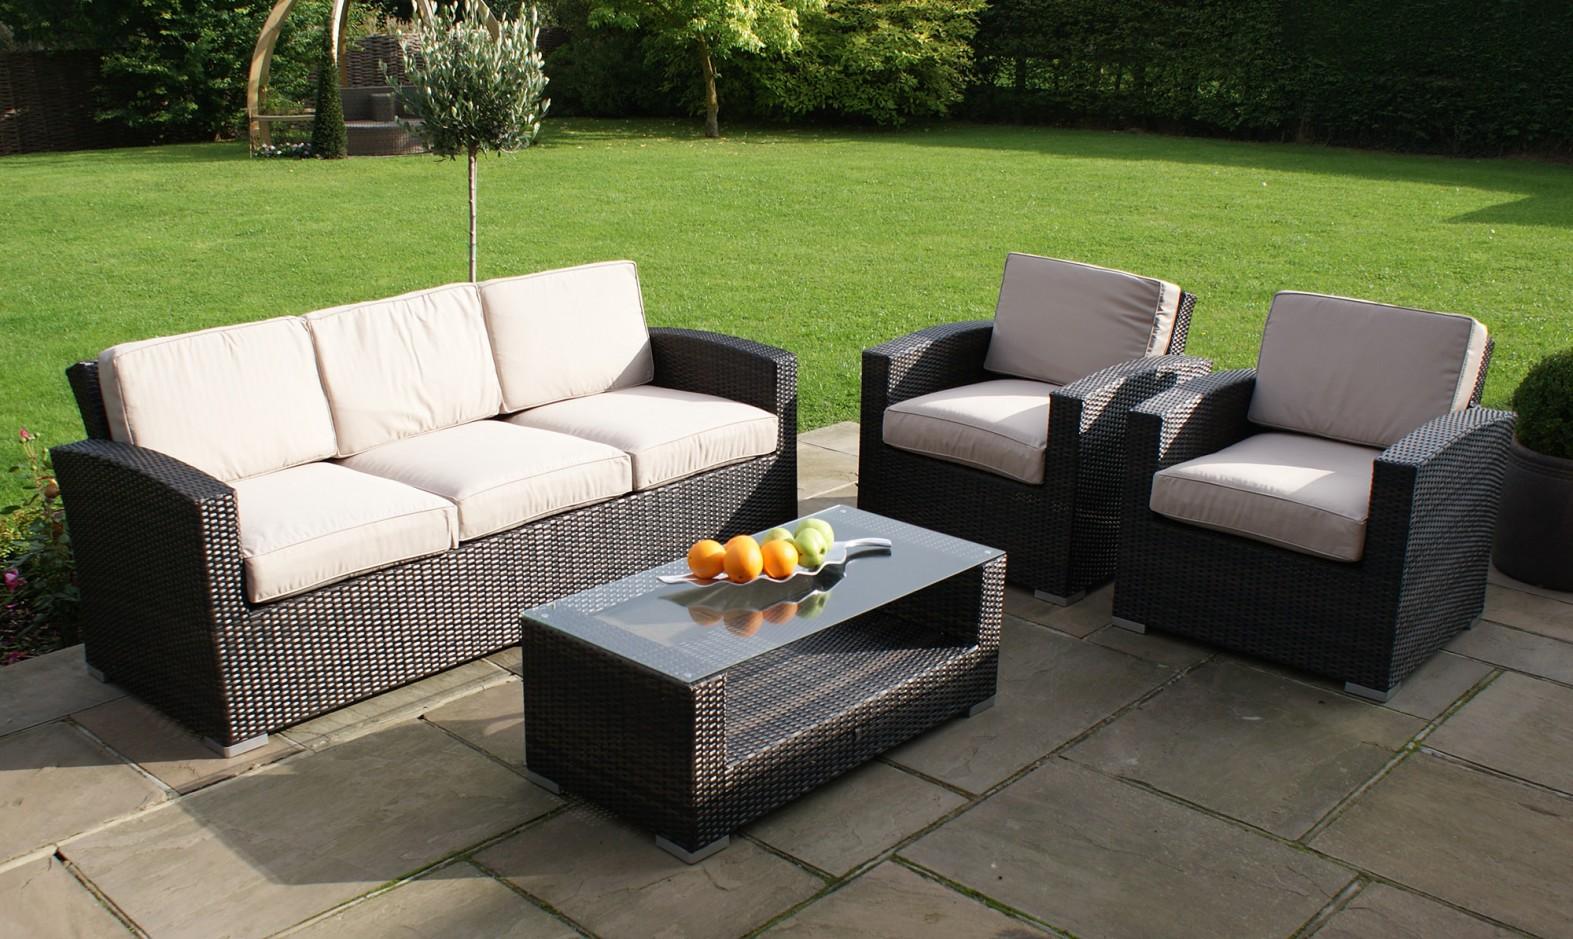 Floor Fascinating Rattan Garden Furniture 3 Header551 Rattan throughout rattan garden furniture